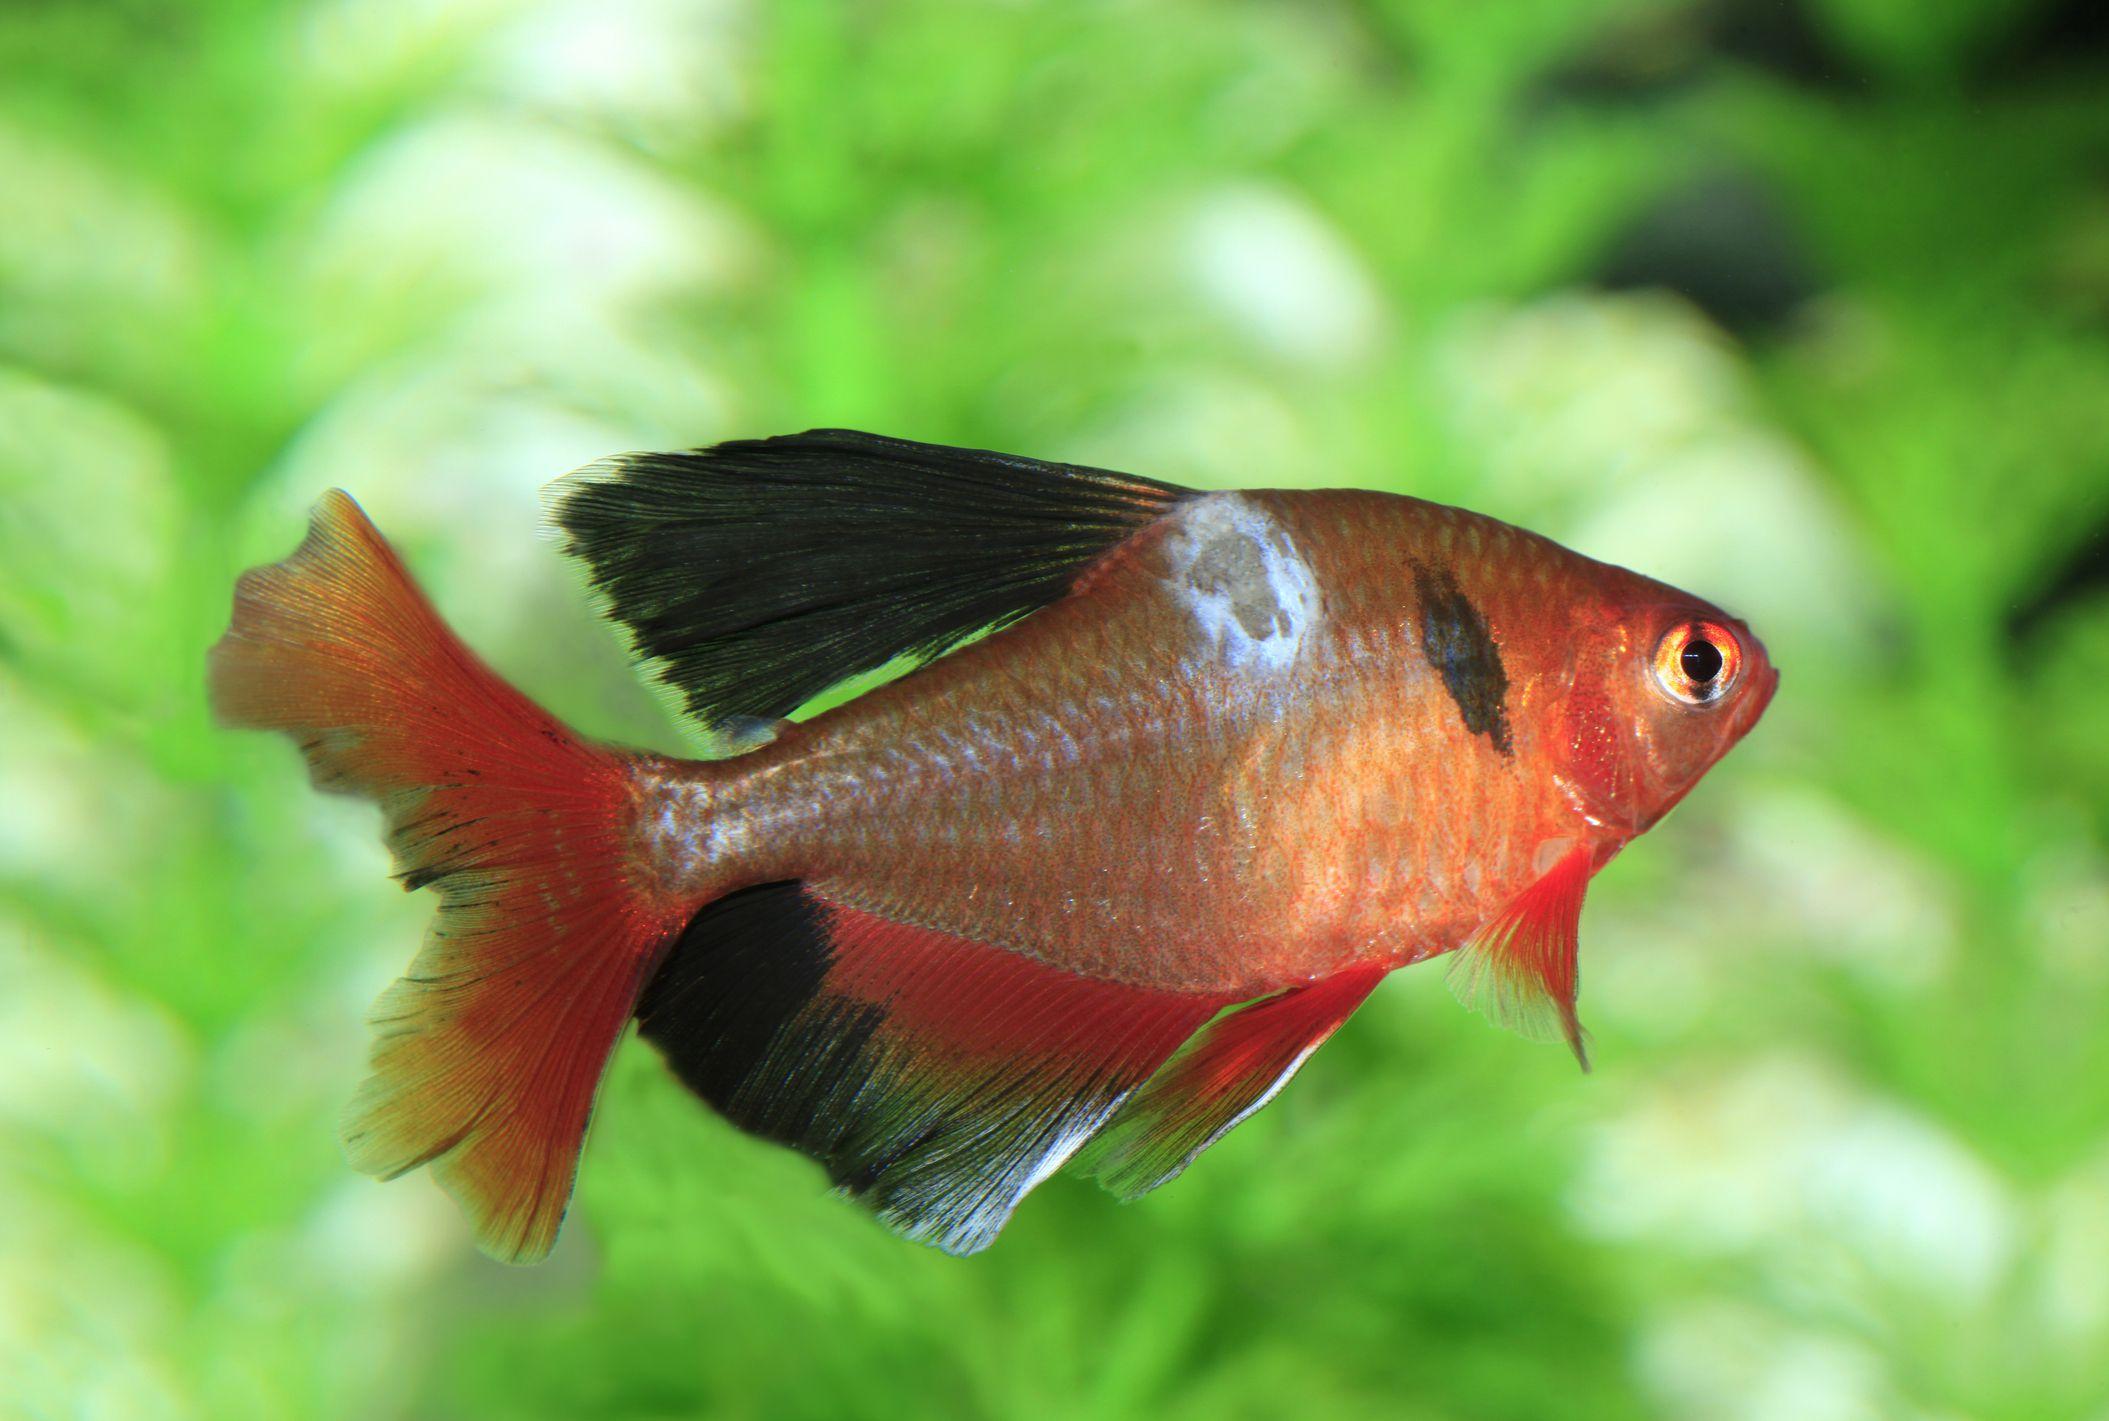 Saprolegnia in Freshwater Fish